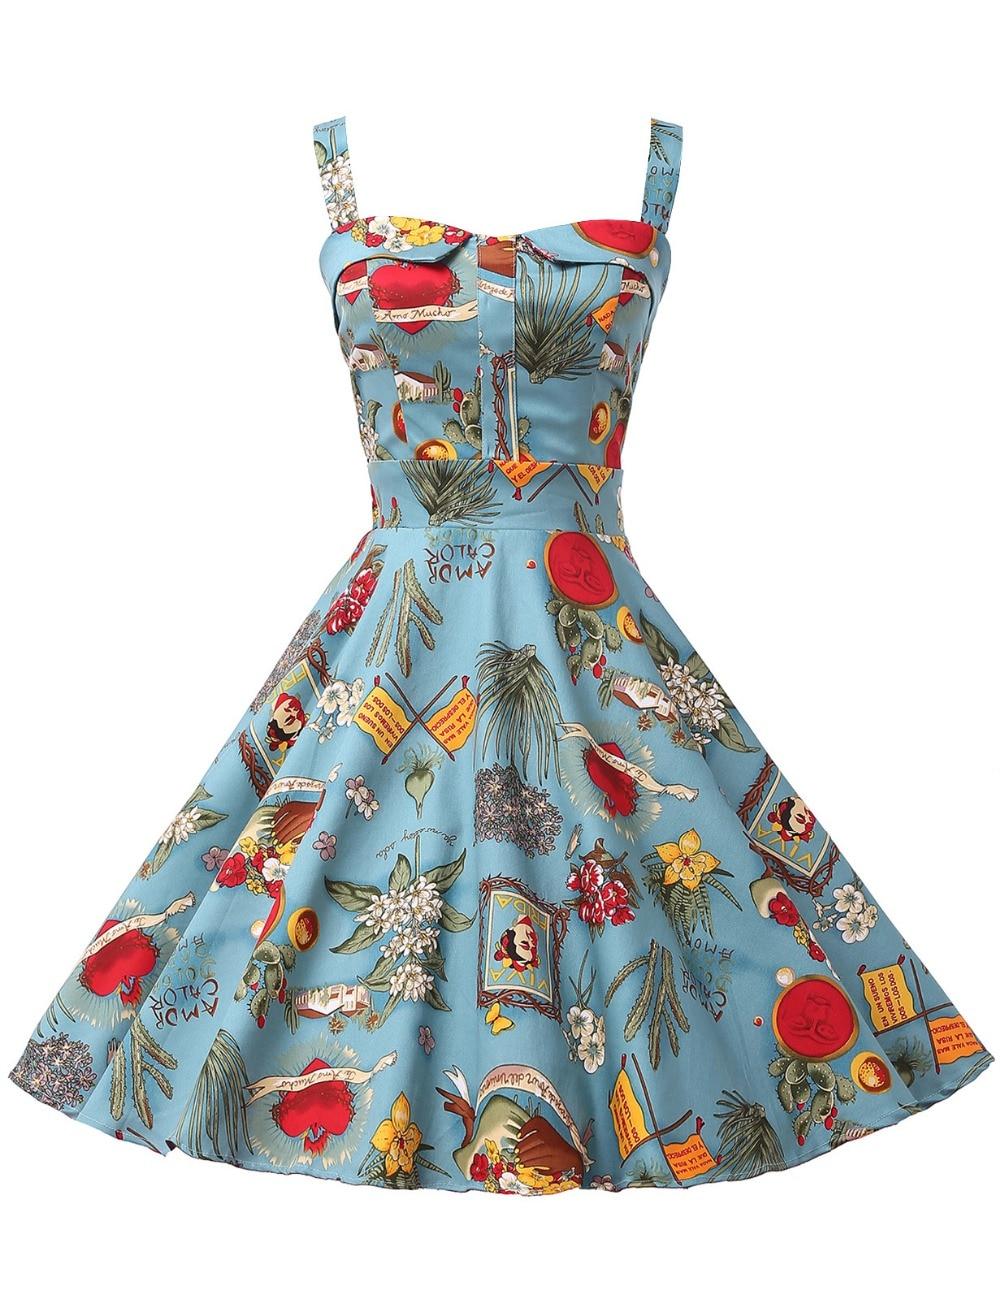 d1414e3d25d92 Vestido de verano para mujer Vestido Rockabilly señoras ropa s 50 s Vintage  vestidos Audrey Hepburn Vestido Sexy algodón Mini Vestido de fiesta Swing  en ...